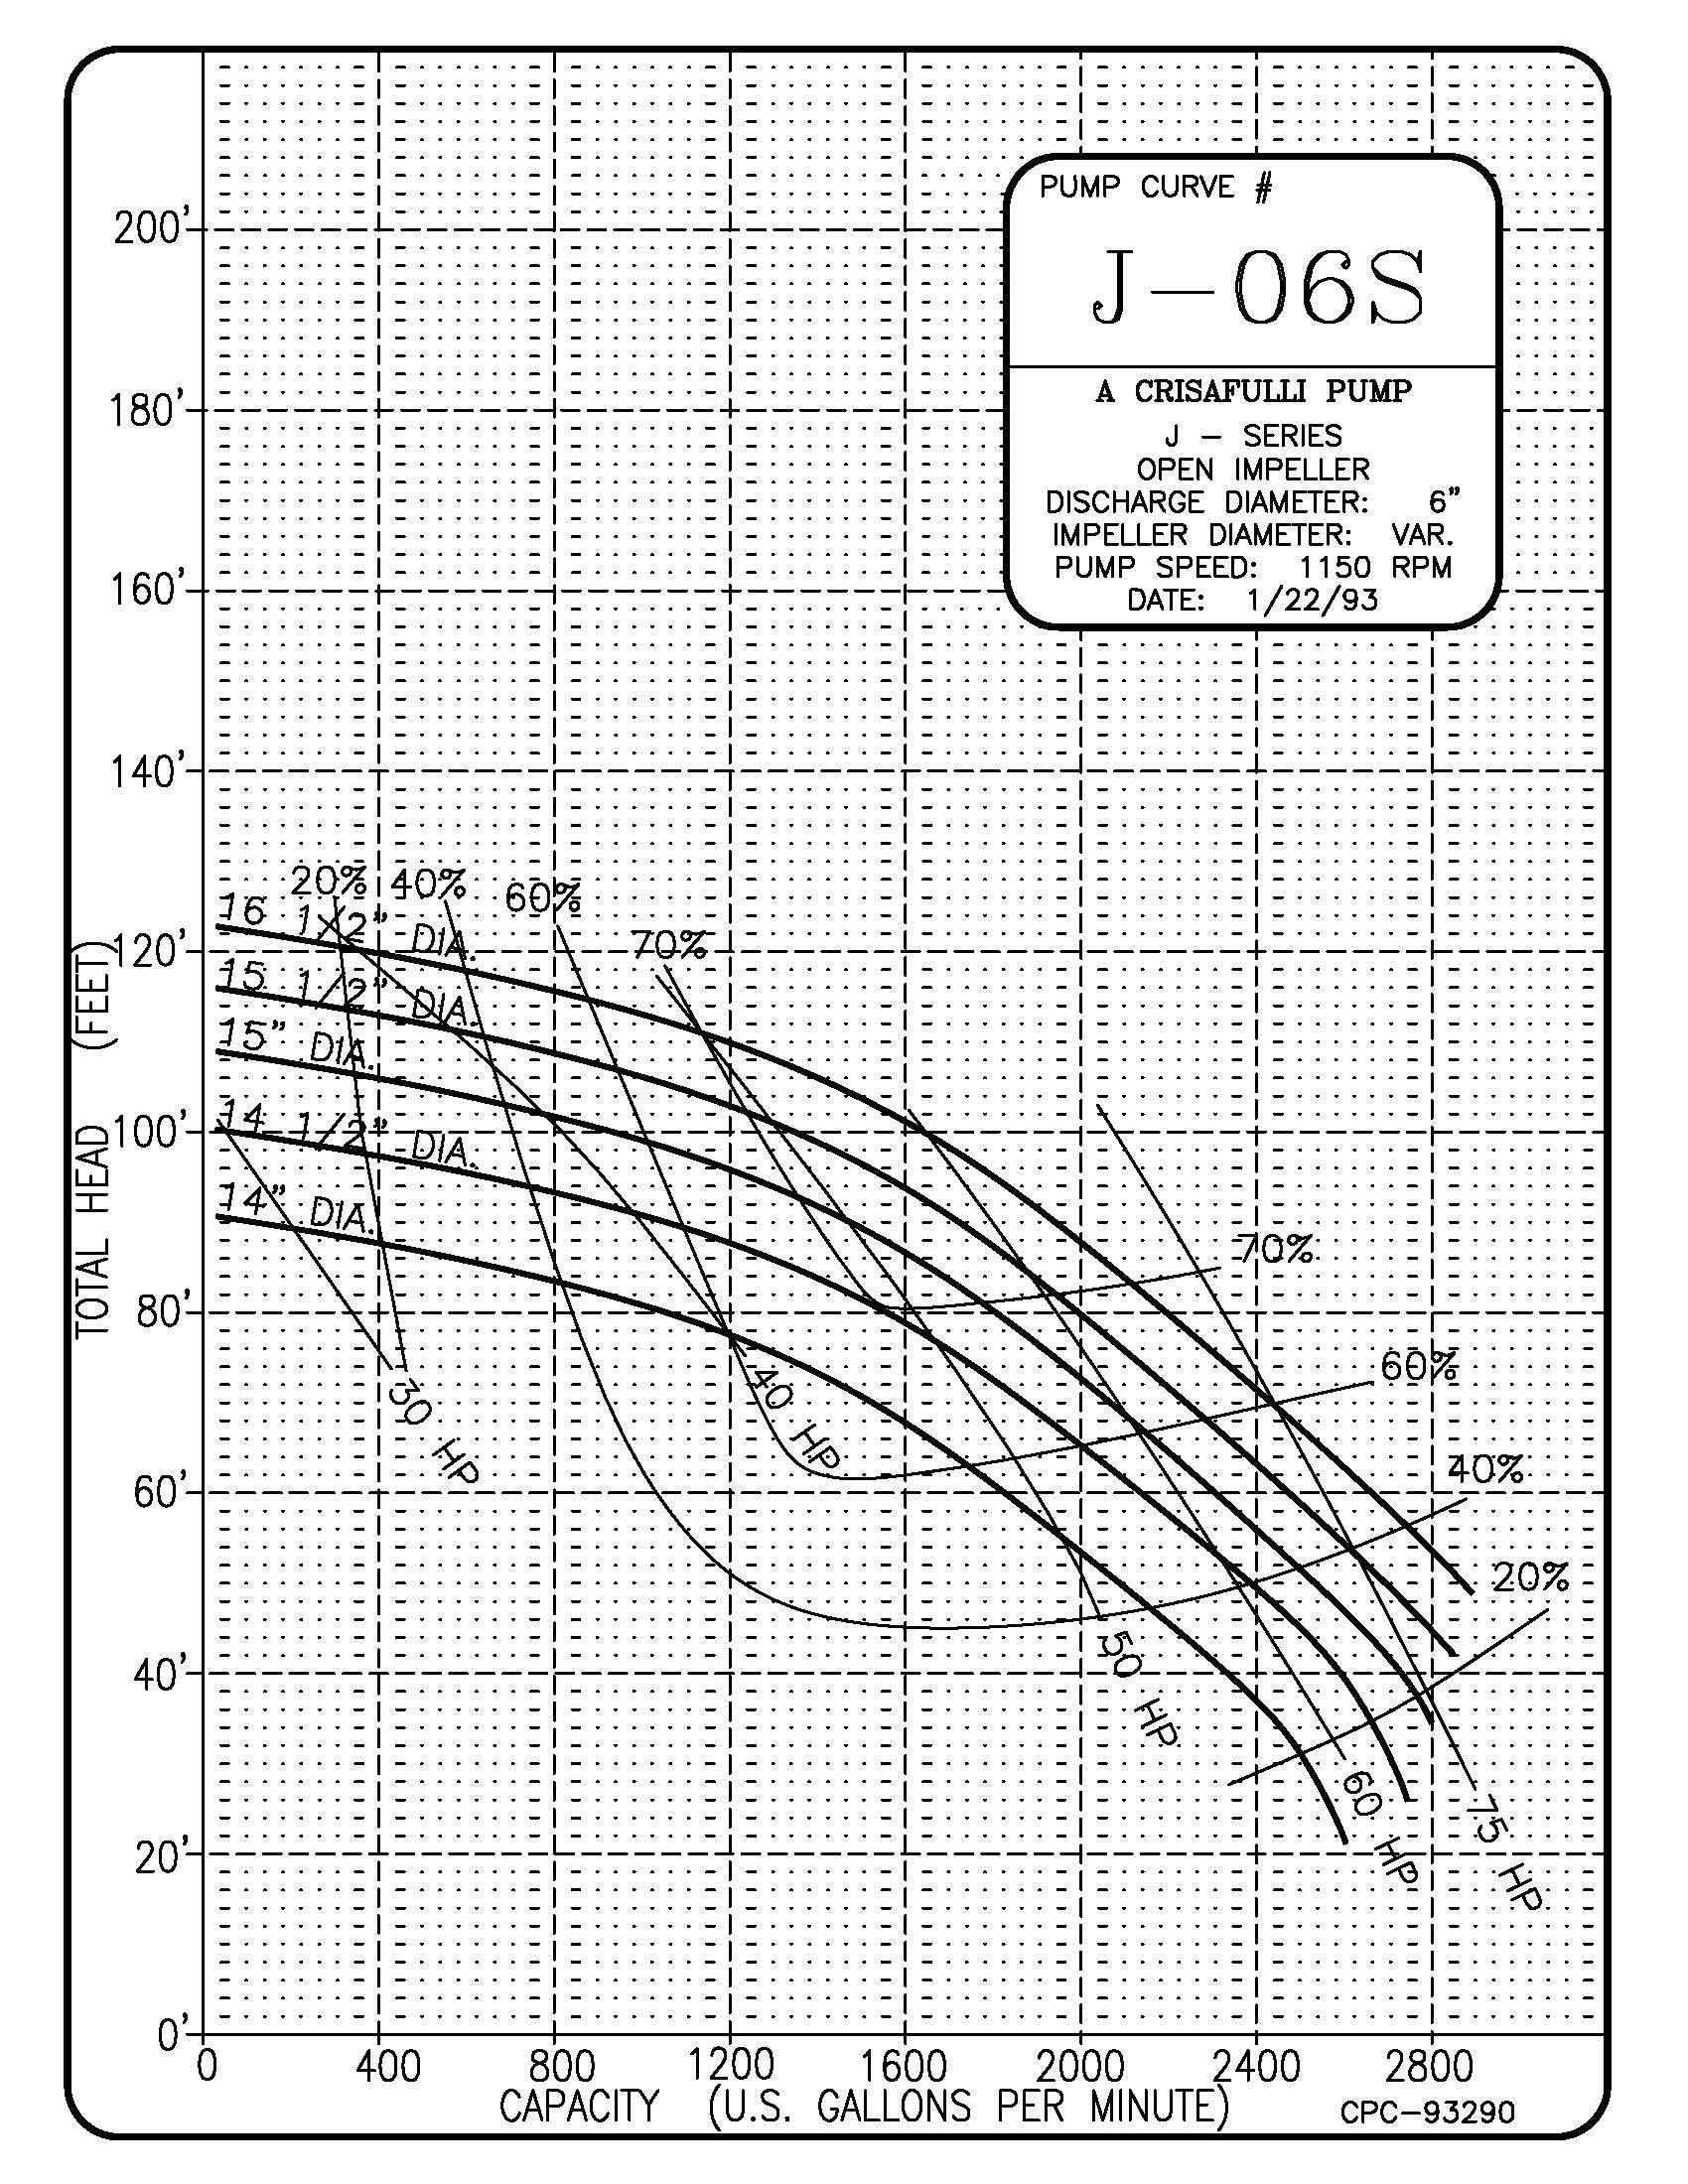 6in J Series 1150 RPM Pump Curve